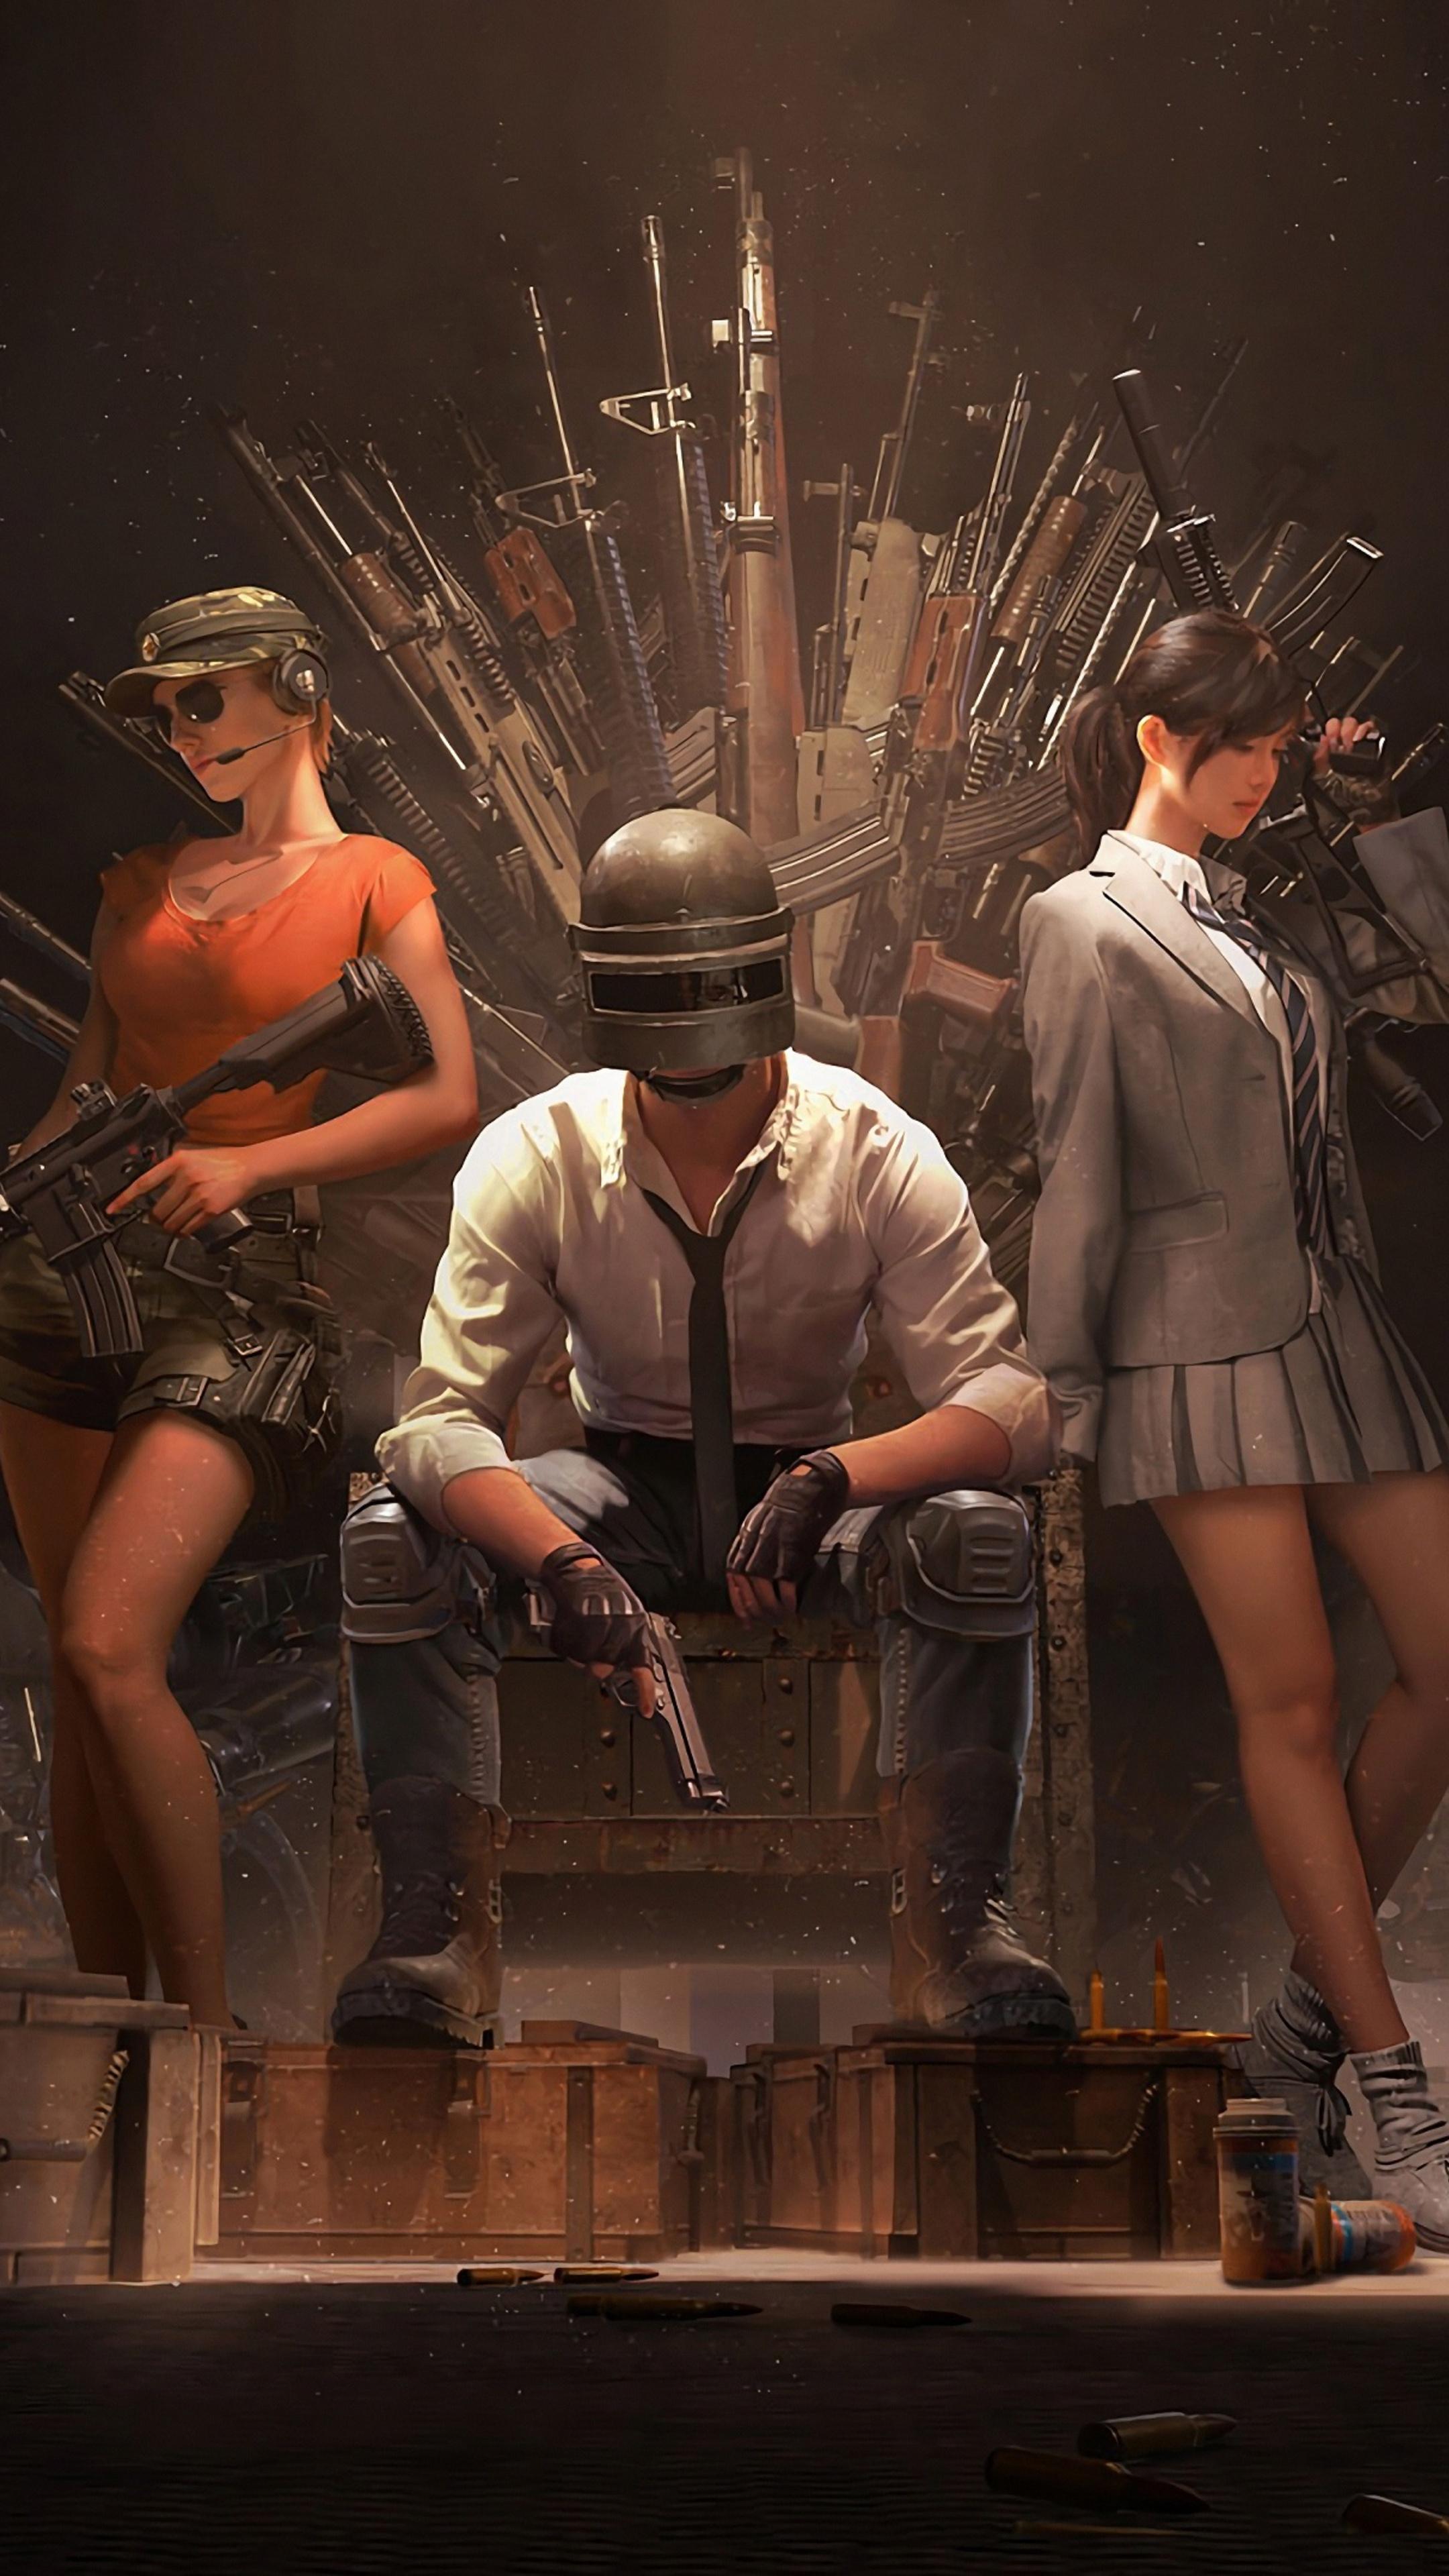 2160x3840 Pubg Helmet Guy With Girls And Guns 4k Sony Xperia X Xz Z5